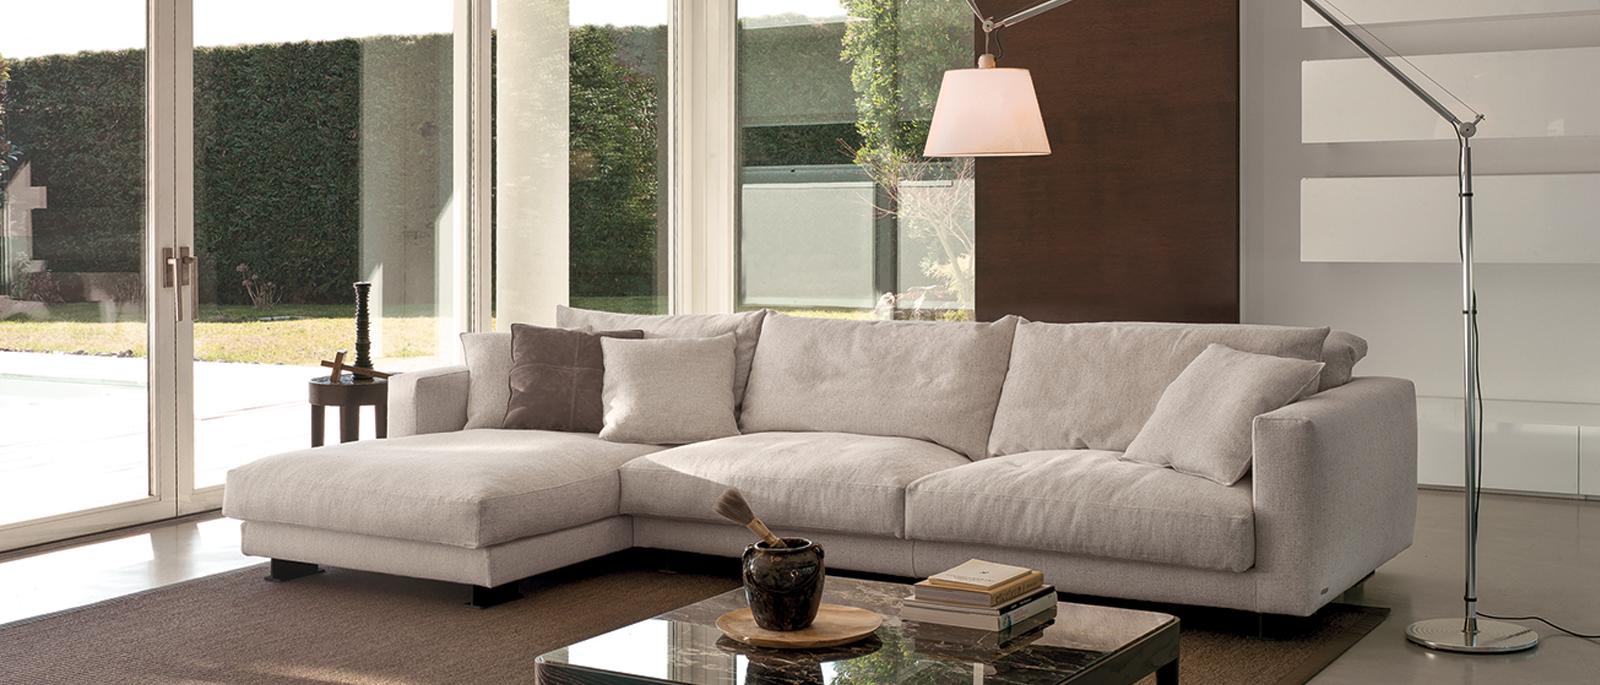 Cts salotti poltrone cts italian sofas for Foto di salotti